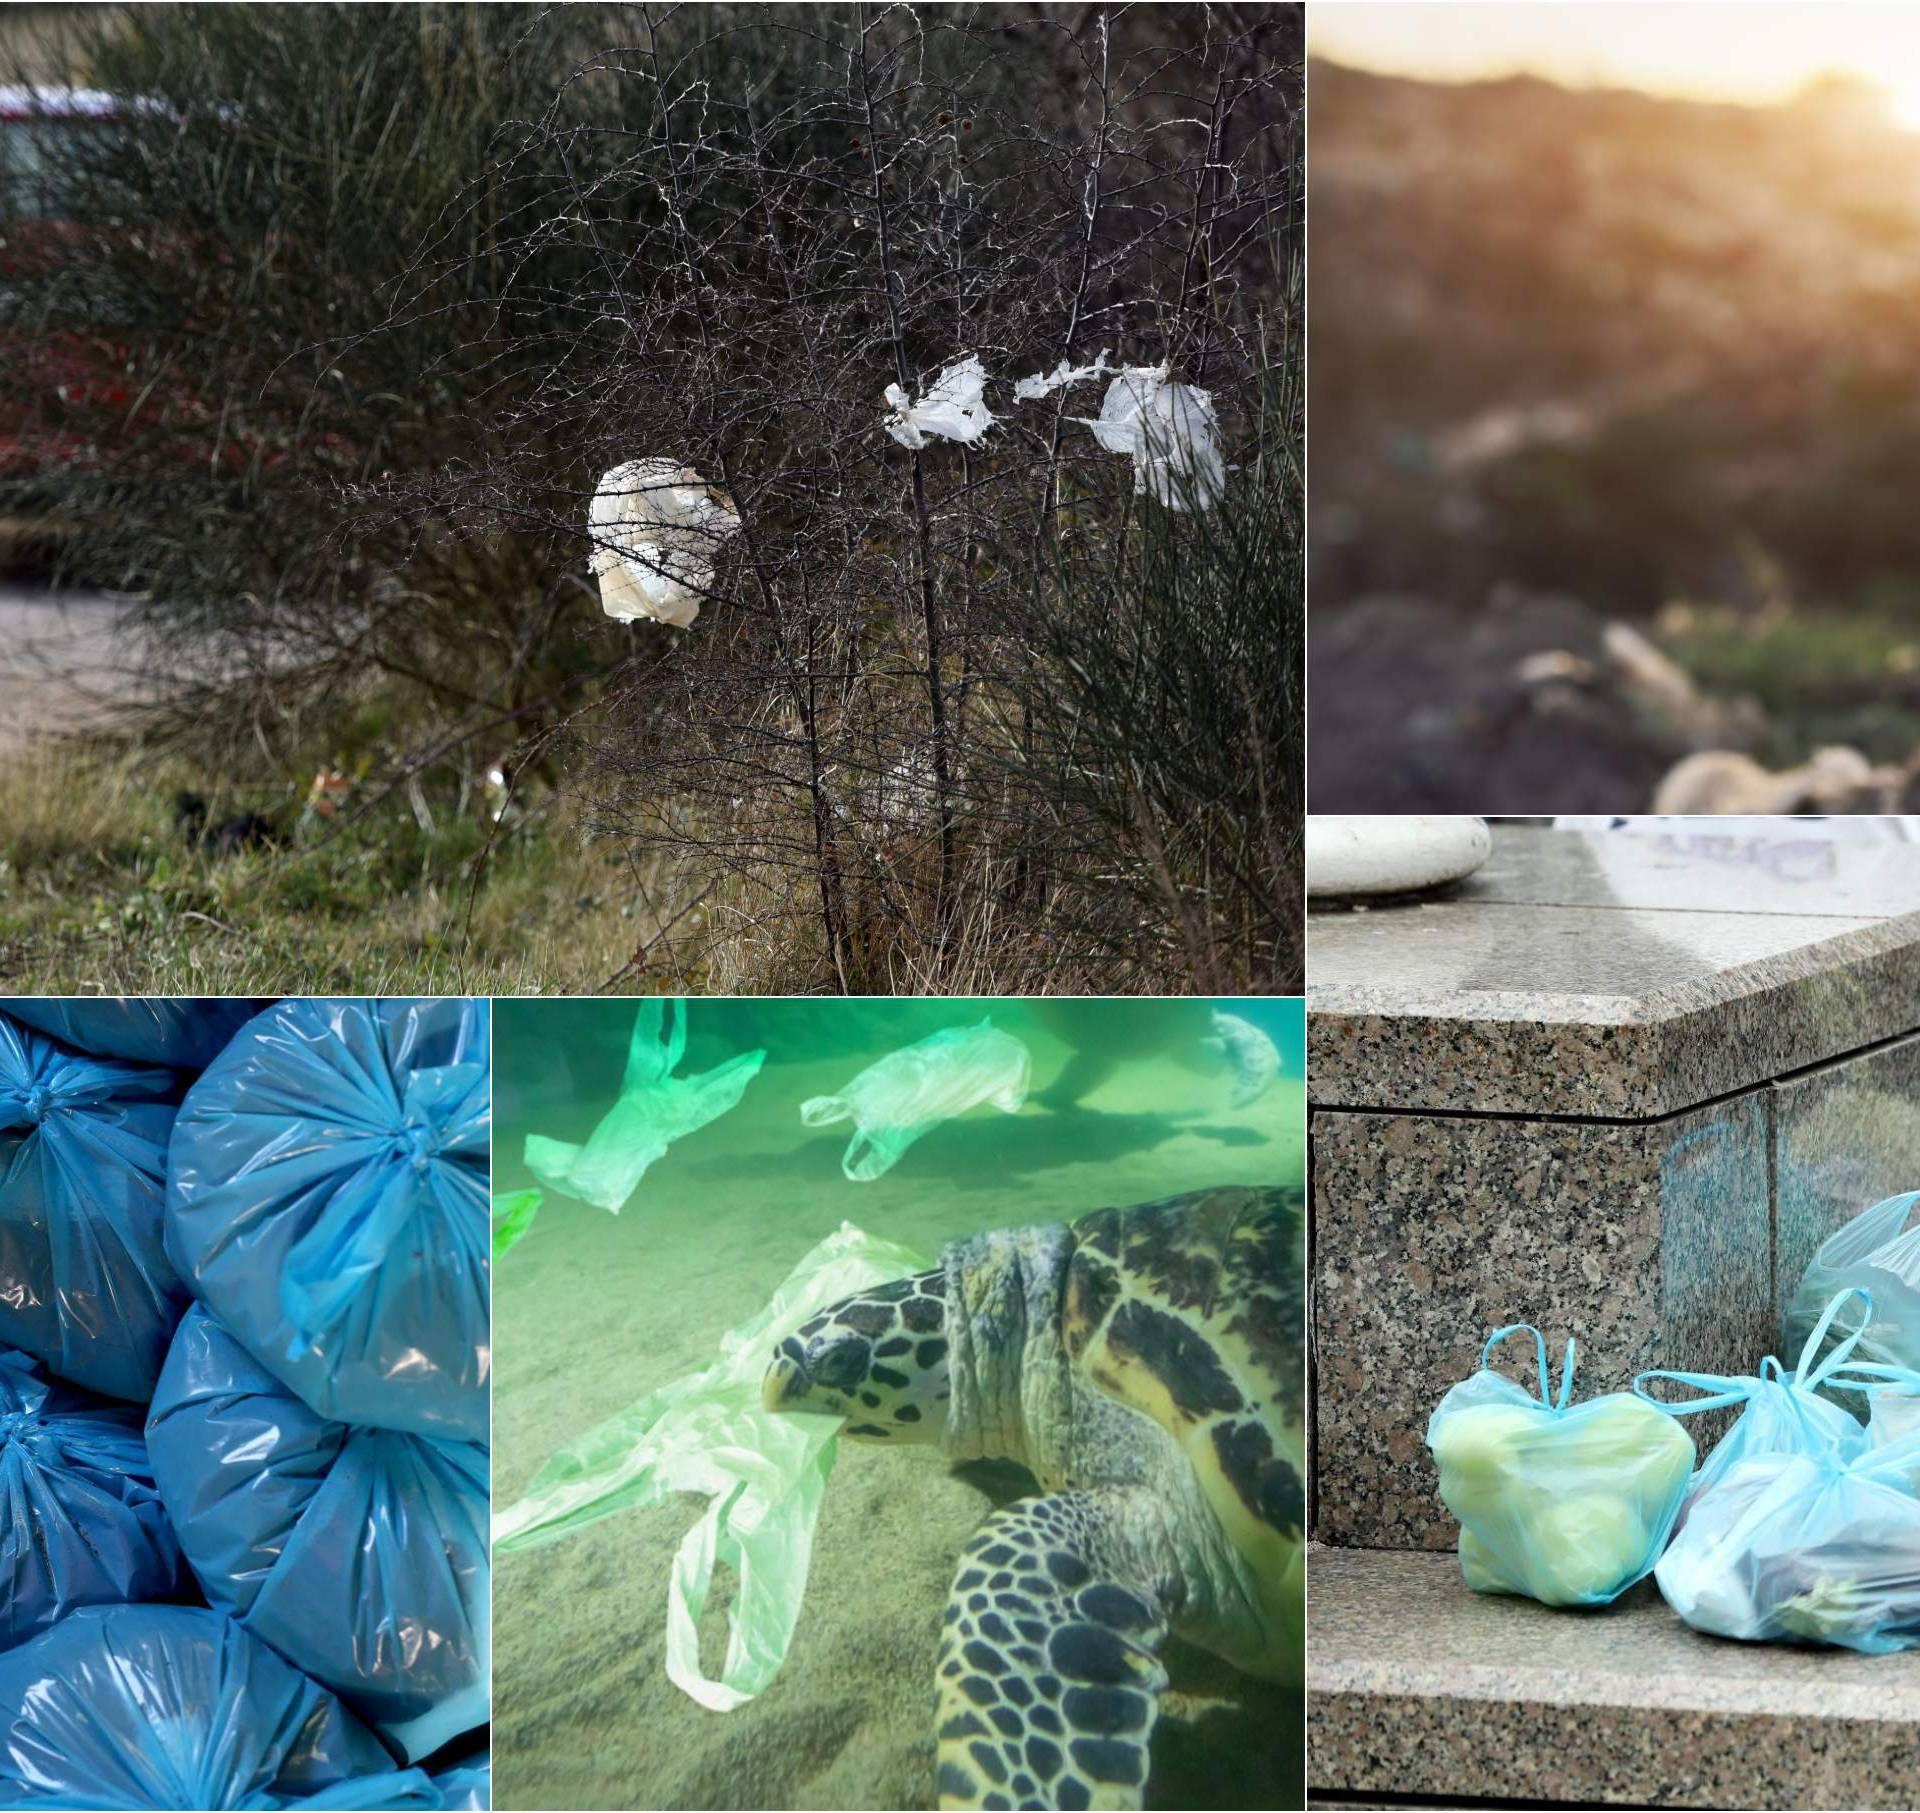 Ljudi su opet zeznuli: Plastične vrećice mogle su spasiti planet